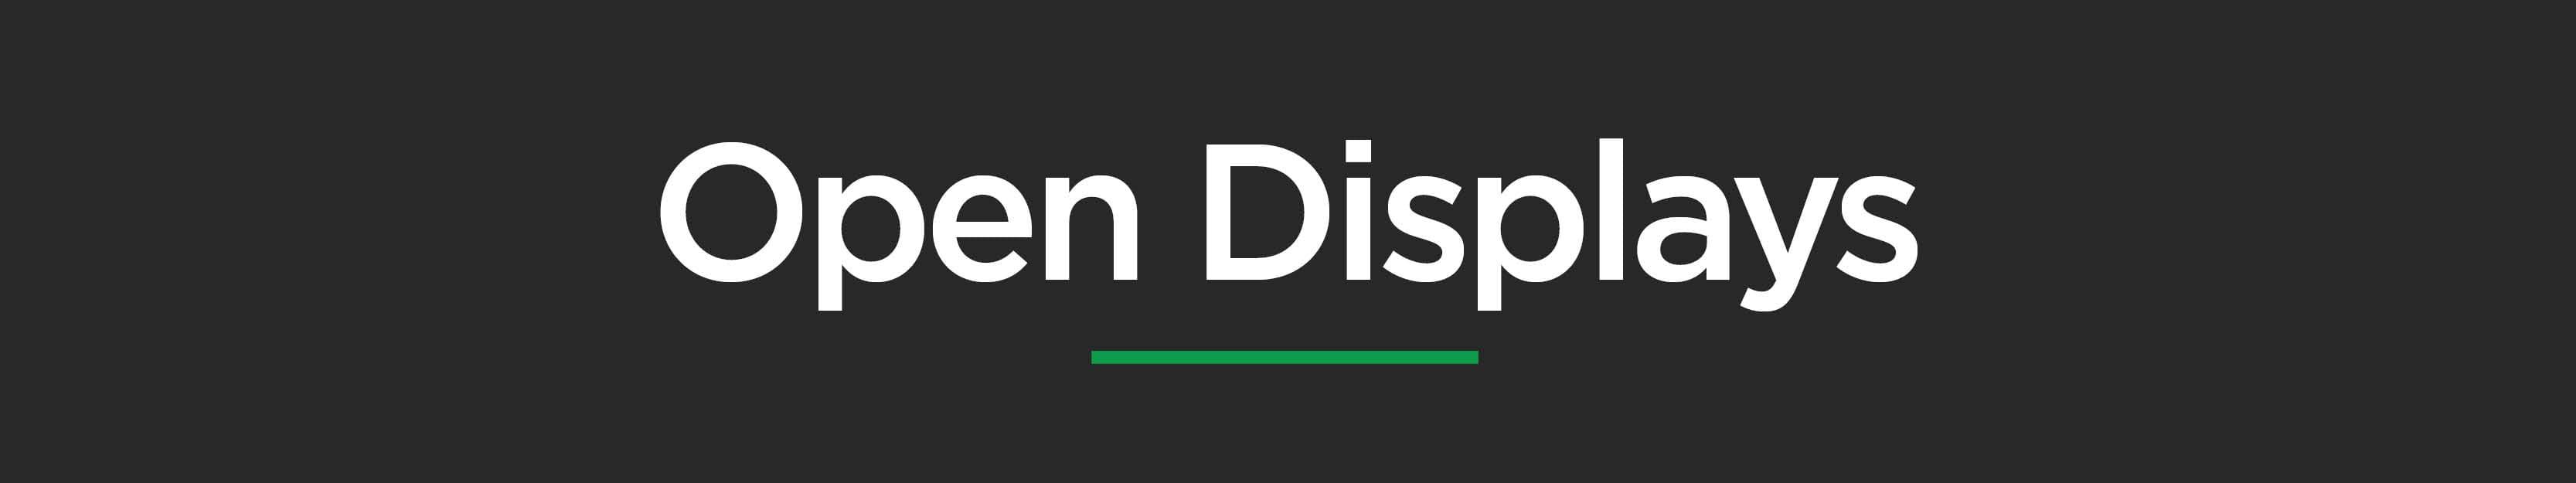 Open Displays